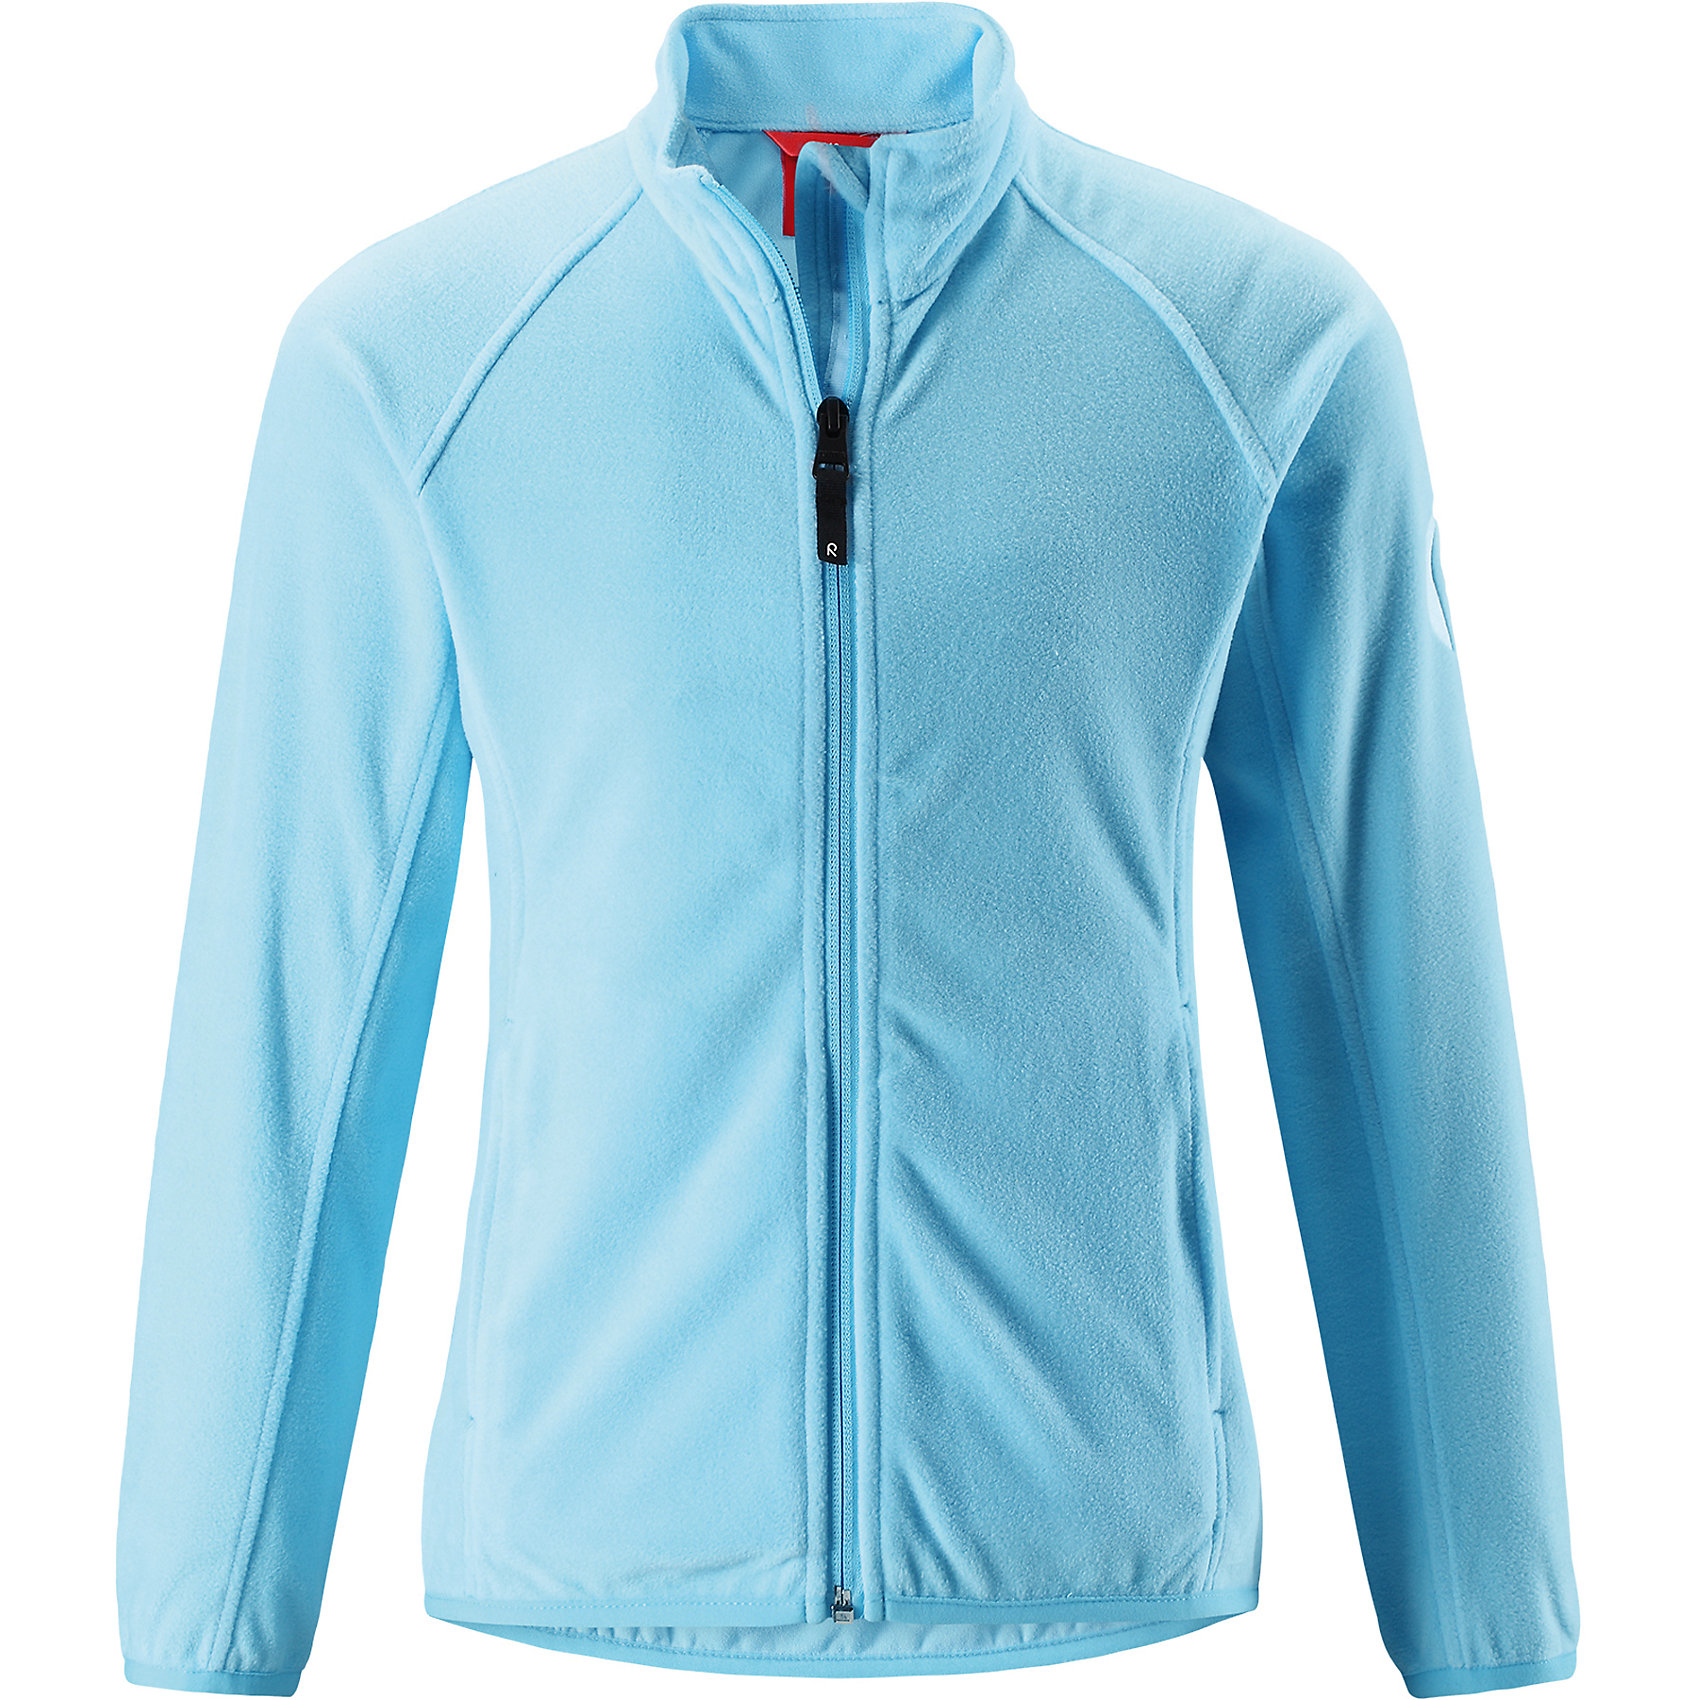 Флисовая кофта Reima Alagna для девочкиФлис и термобелье<br>Характеристики товара:<br><br>• цвет: голубой;<br>• состав: 100% полиэстер; <br>• сезон: демисезон;<br>• выводит влагу в верхние слои одежды;<br>• теплый, легкий и быстросохнущий флис;<br>• эластичные манжеты и подол;<br>• молния по всей длине с защитой подбородка;<br>• два кармана на молнии;<br>• страна бренда: Финляндия;<br>• страна изготовитель: Китай;<br><br>Эта детская флисовая куртка сшита из необыкновенно легкого и теплого микрофлиса. Материал идеально подходит для зимних активных забав, поскольку эффективно выводит влагу от кожи в верхние слои одежды и быстро сохнет. Дышащий материал не парит, сколько ни бегай. Защита для подбородка на молнии обеспечивает дополнительный комфорт и не дает поцарапаться об зубчики. Куртка украшена горячим тиснением и снабжена двумя карманами на молнии, а также эластичным подолом и манжетами.<br><br>Флисовую кофту Alagna для девочки Reima (Рейма) можно купить в нашем интернет-магазине.<br><br>Ширина мм: 190<br>Глубина мм: 74<br>Высота мм: 229<br>Вес г: 236<br>Цвет: синий<br>Возраст от месяцев: 156<br>Возраст до месяцев: 168<br>Пол: Женский<br>Возраст: Детский<br>Размер: 164,104,110,116,122,128,134,140,146,152,158<br>SKU: 6906293